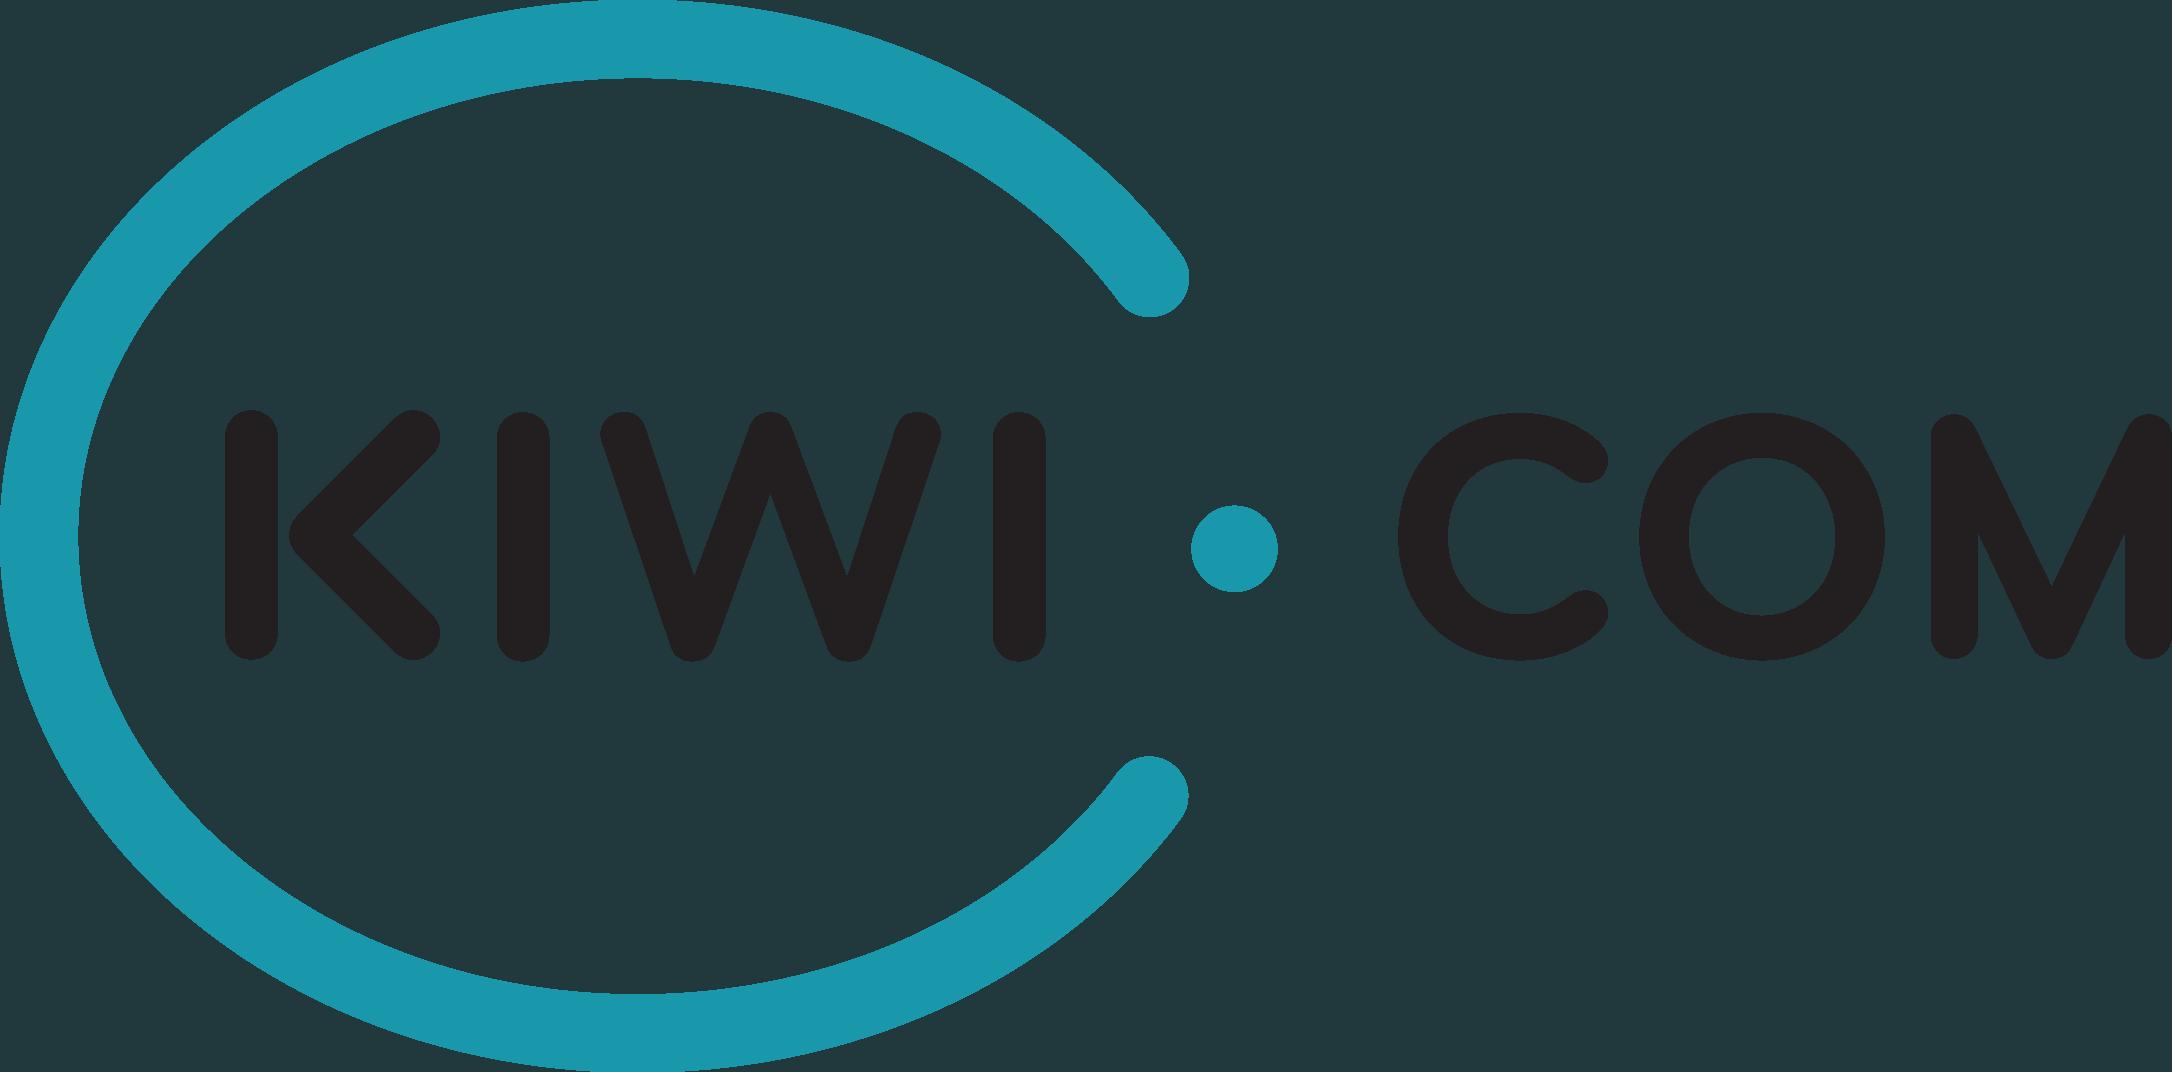 אתר חיפוש והזמנת טיסות קיוי KIWI (מידע והסבר)